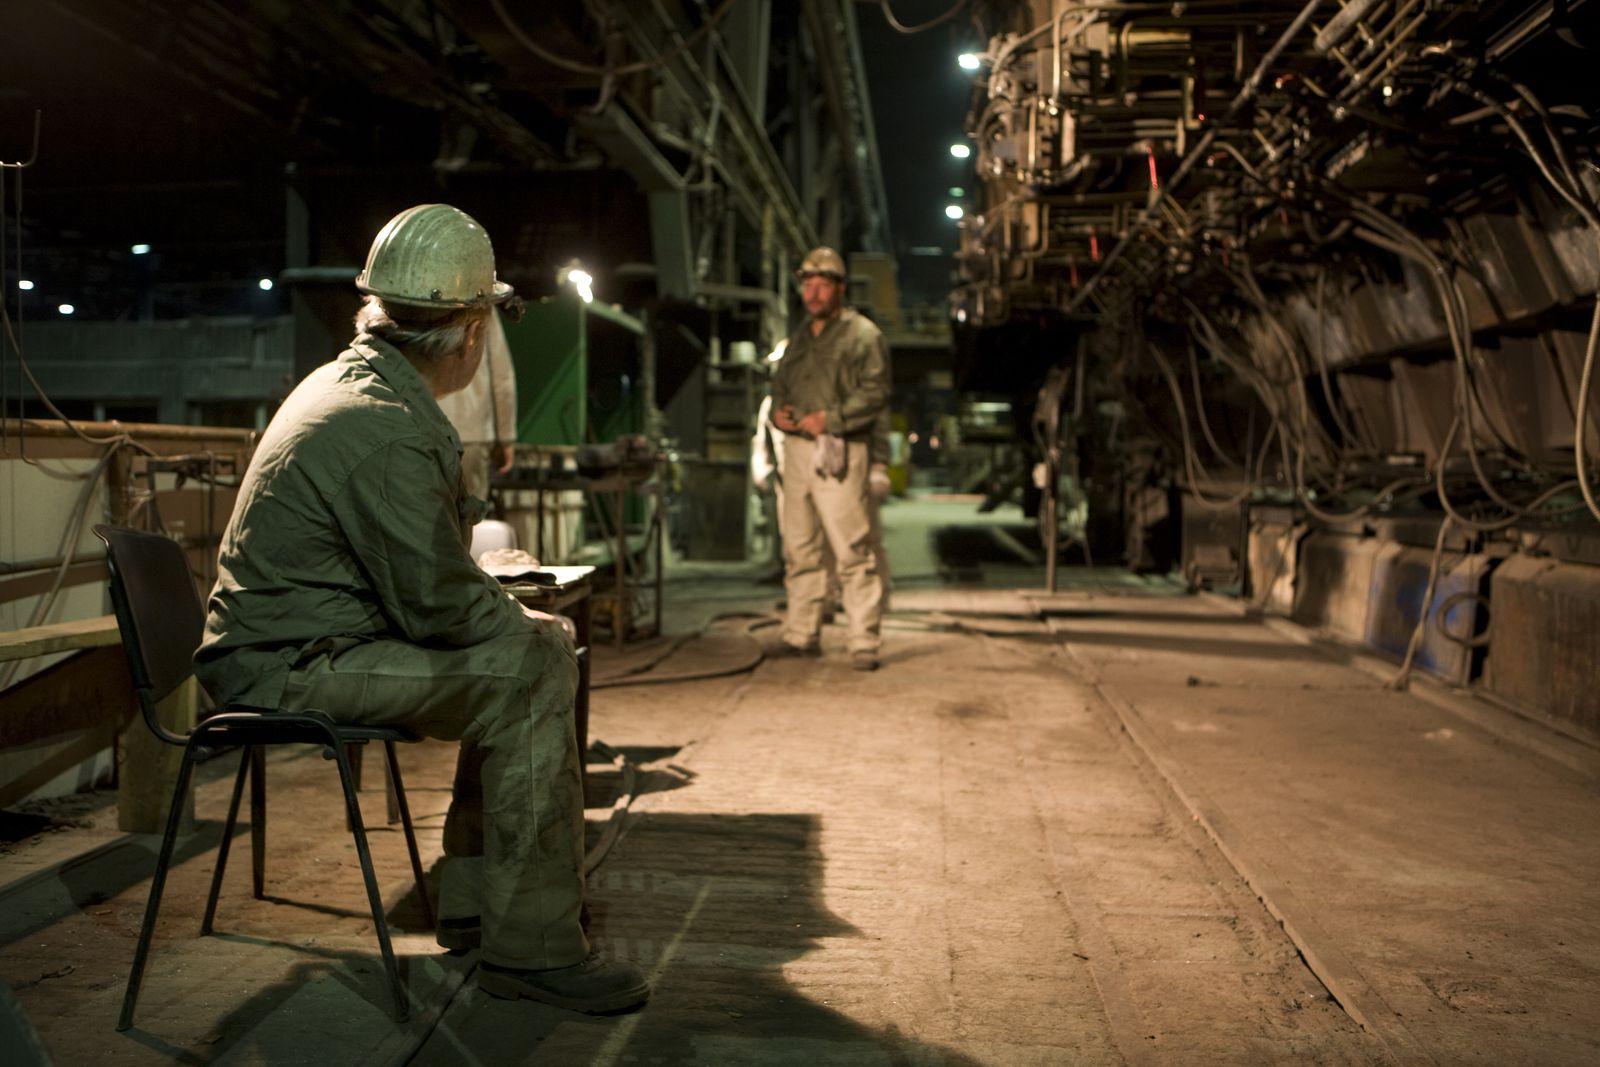 SYMBOLBILD/ Rente/ Stahlarbeiter